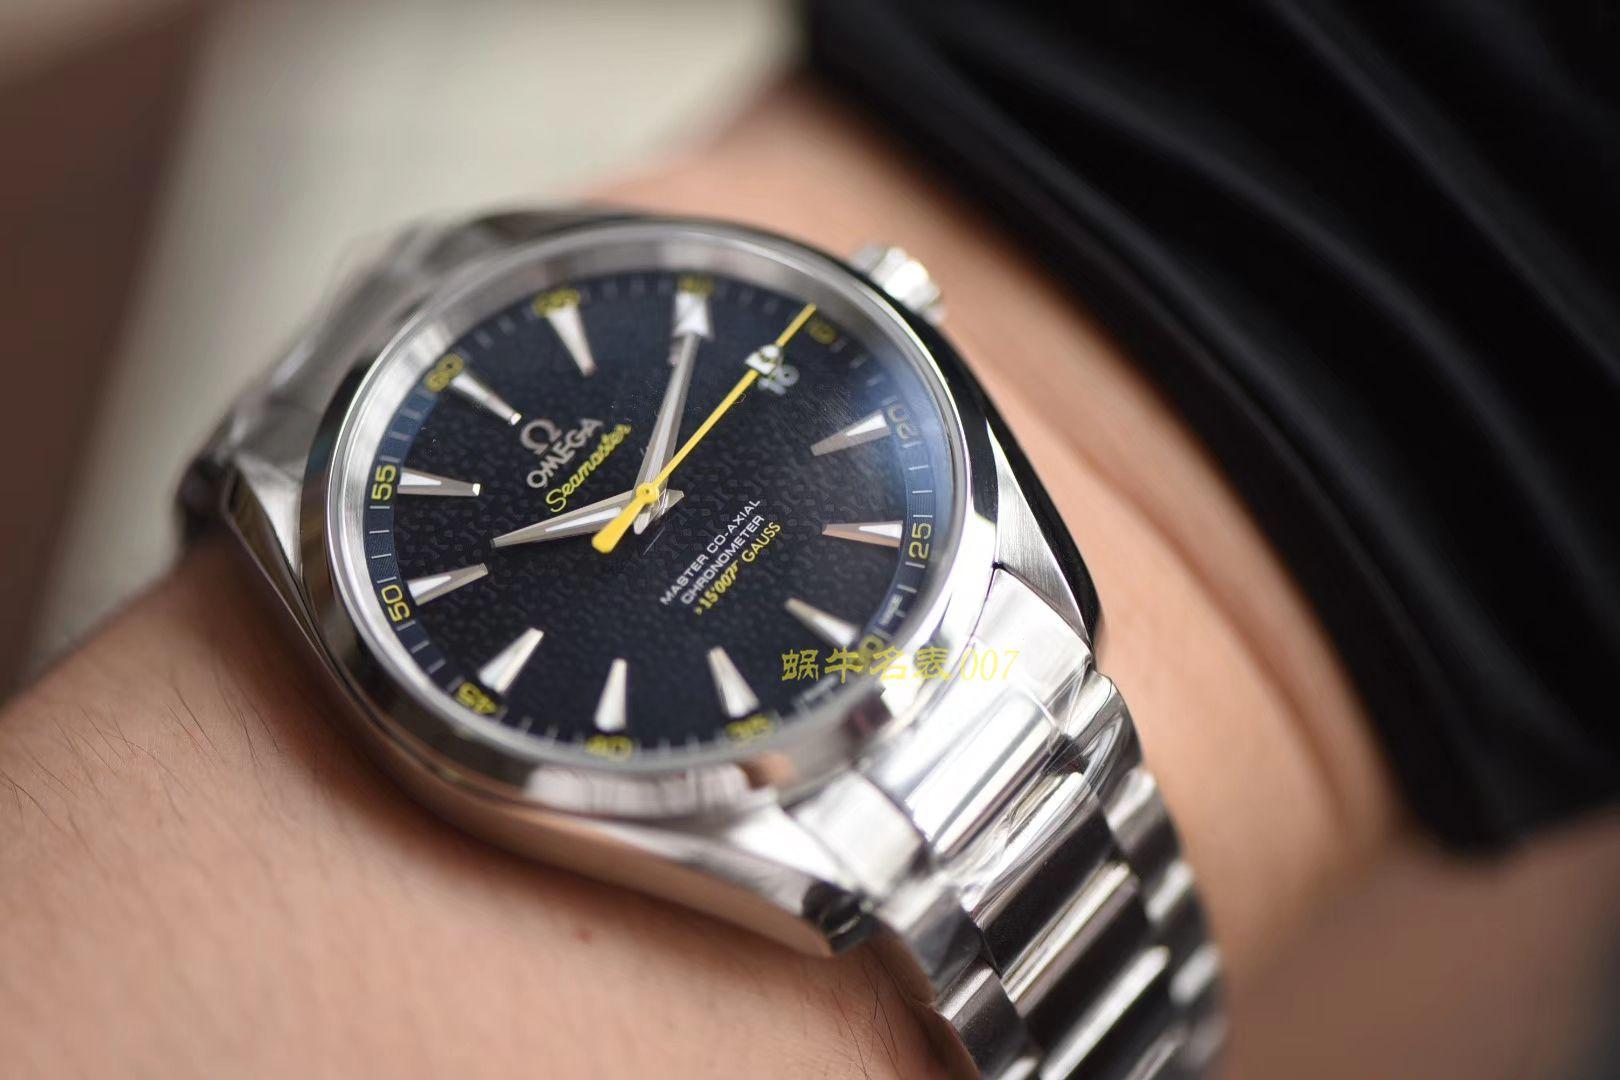 【VS一比一超A高仿手表】欧米茄海马系列 007詹姆斯邦德限量版 231.10.42.21.03.004机械腕表 / M337